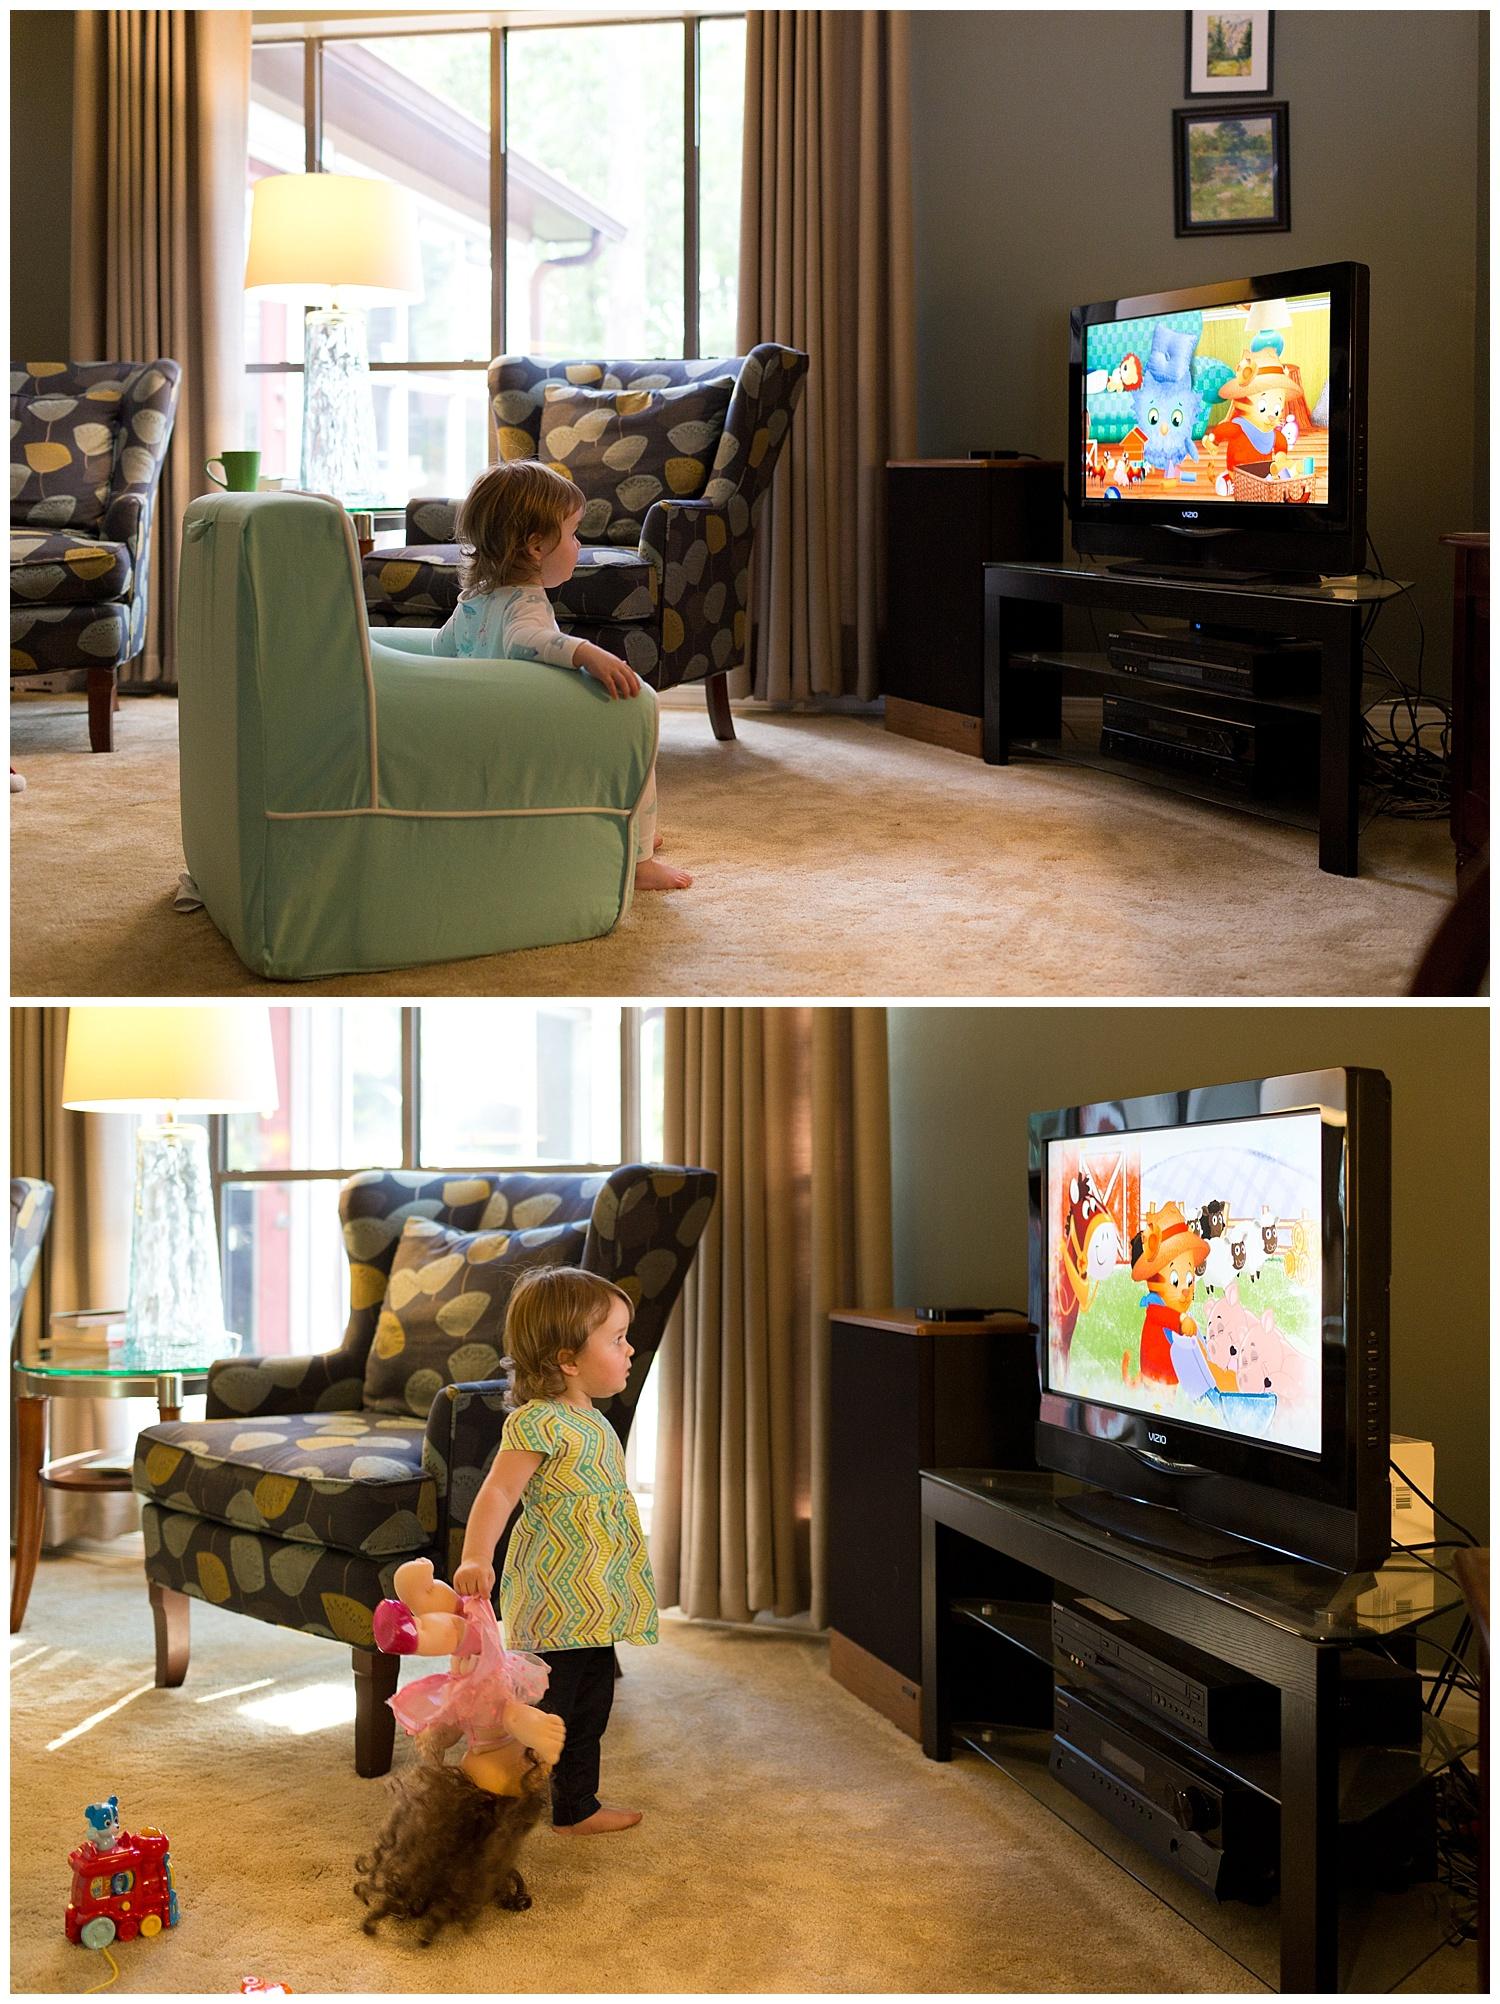 little girl watching Daniel Tiger's Neighborhood